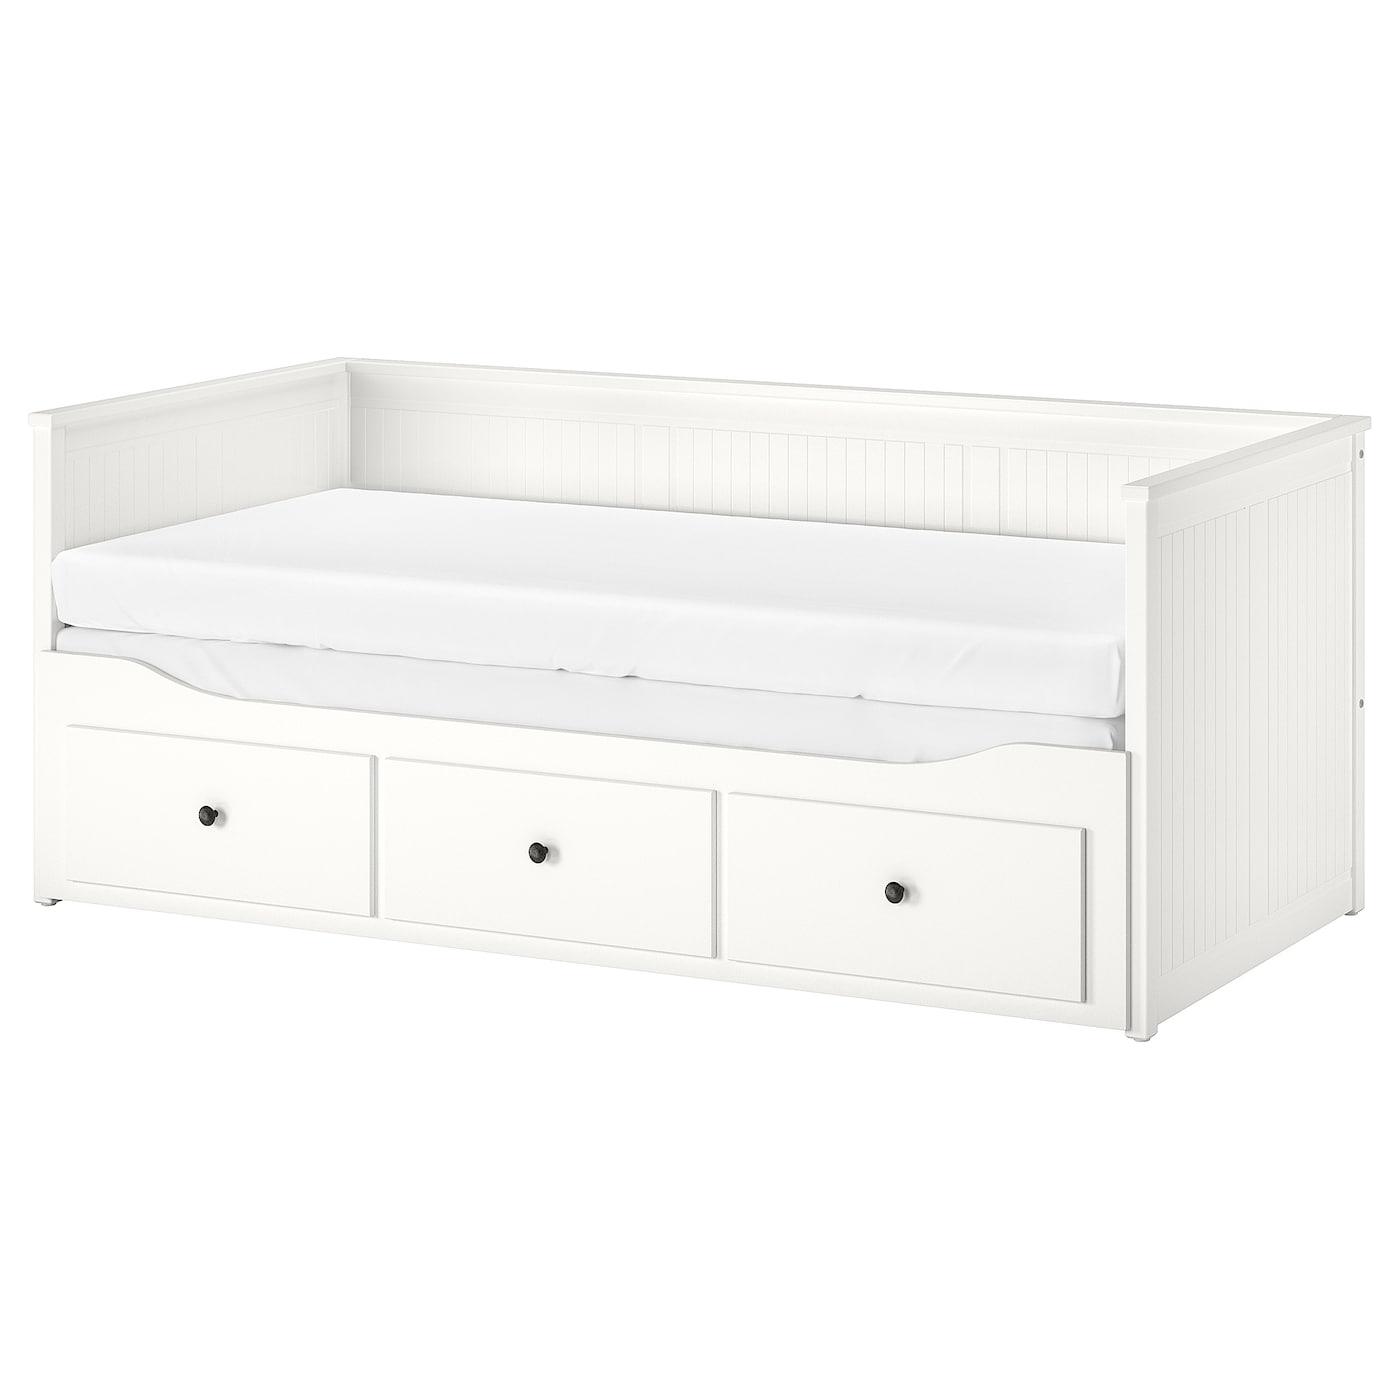 Betere HEMNES Bedbank met 3 lades, wit, 80x200 cm - IKEA AP-28